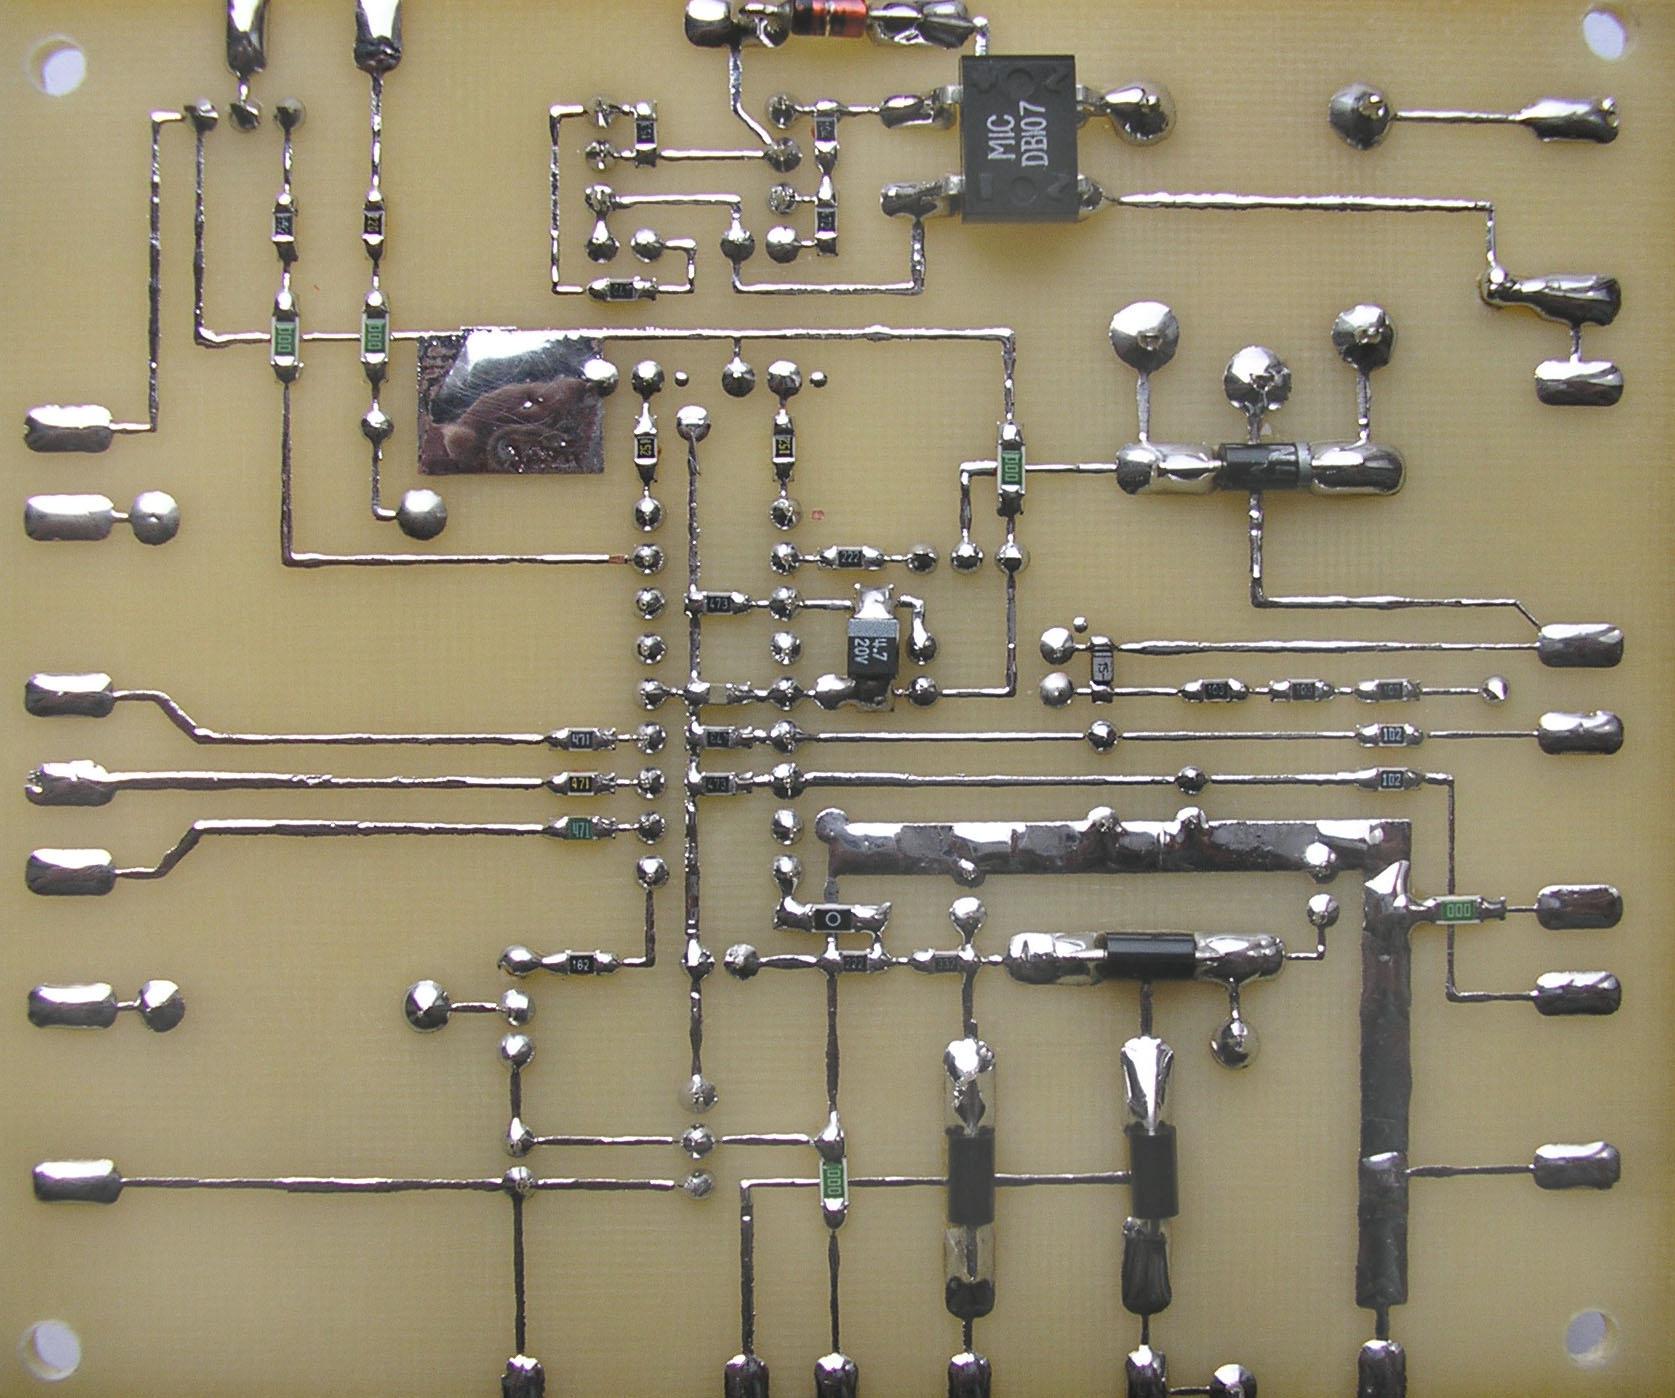 Работой всего устройства управляет микроконтроллер.  КУПИТЬ ПРОЗВОНКУ СО ЗВУКОВЫМ СИГНАЛОМБезопасностьСхемыKail.